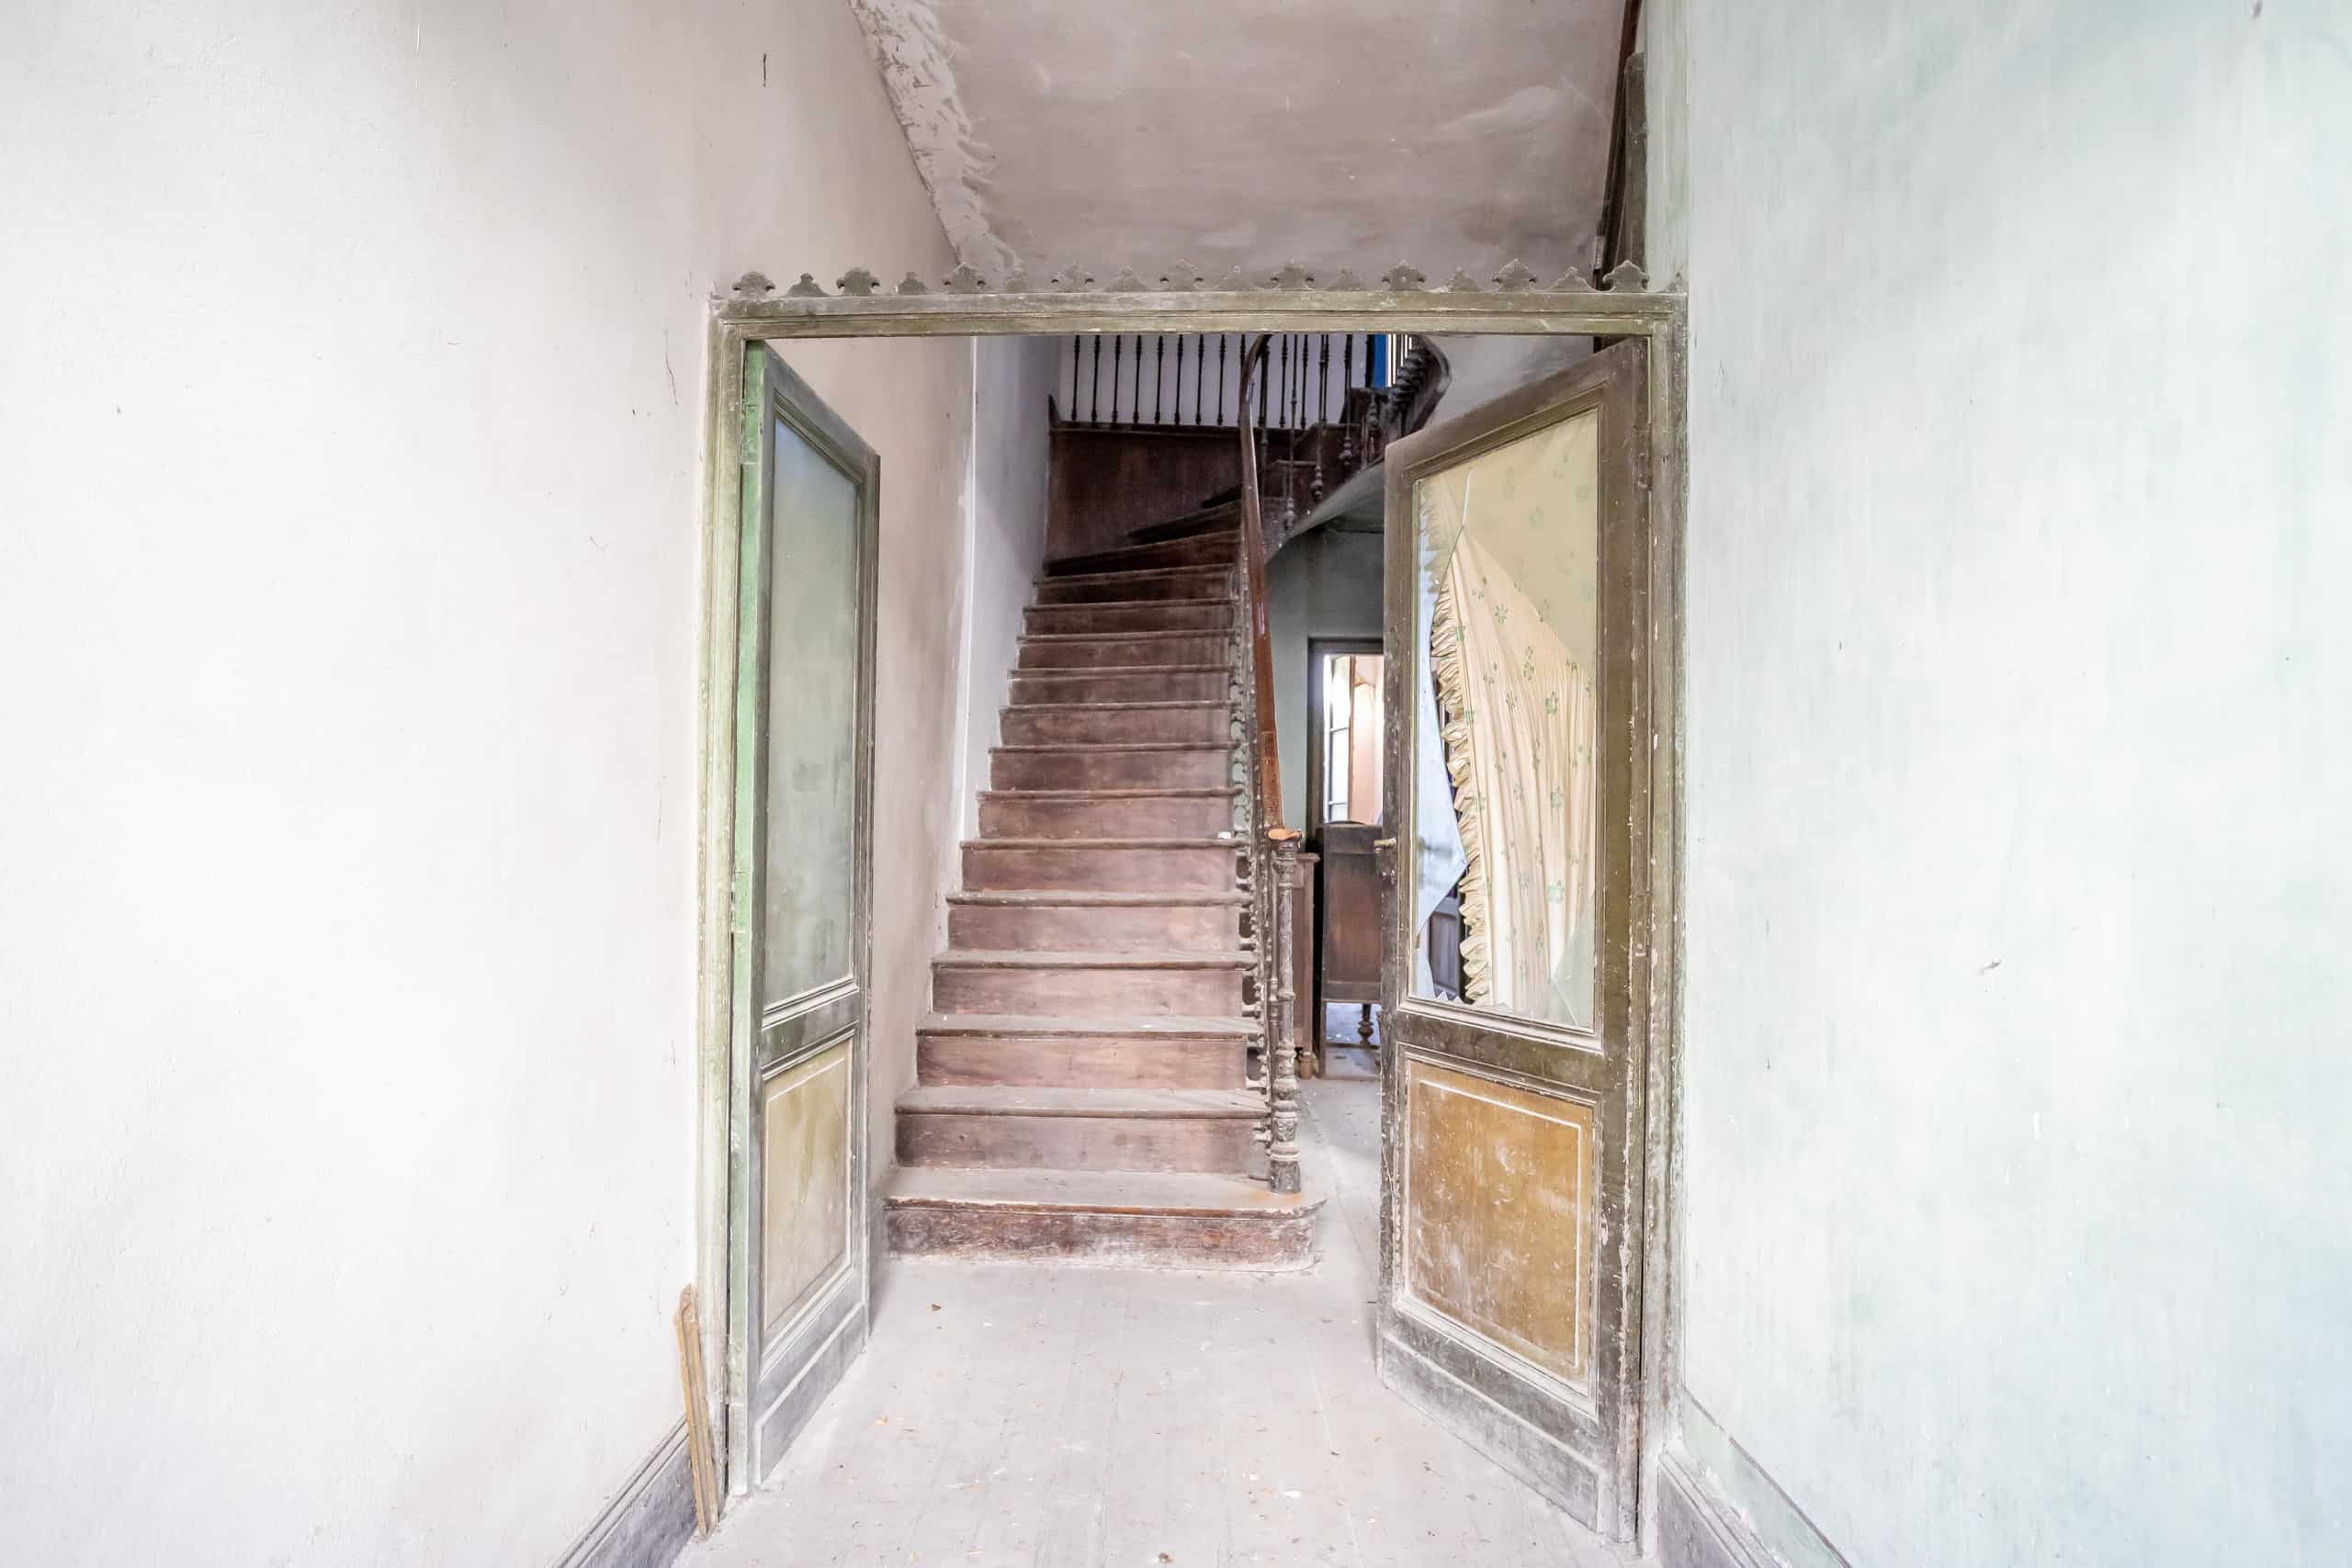 Entrance-WMC051